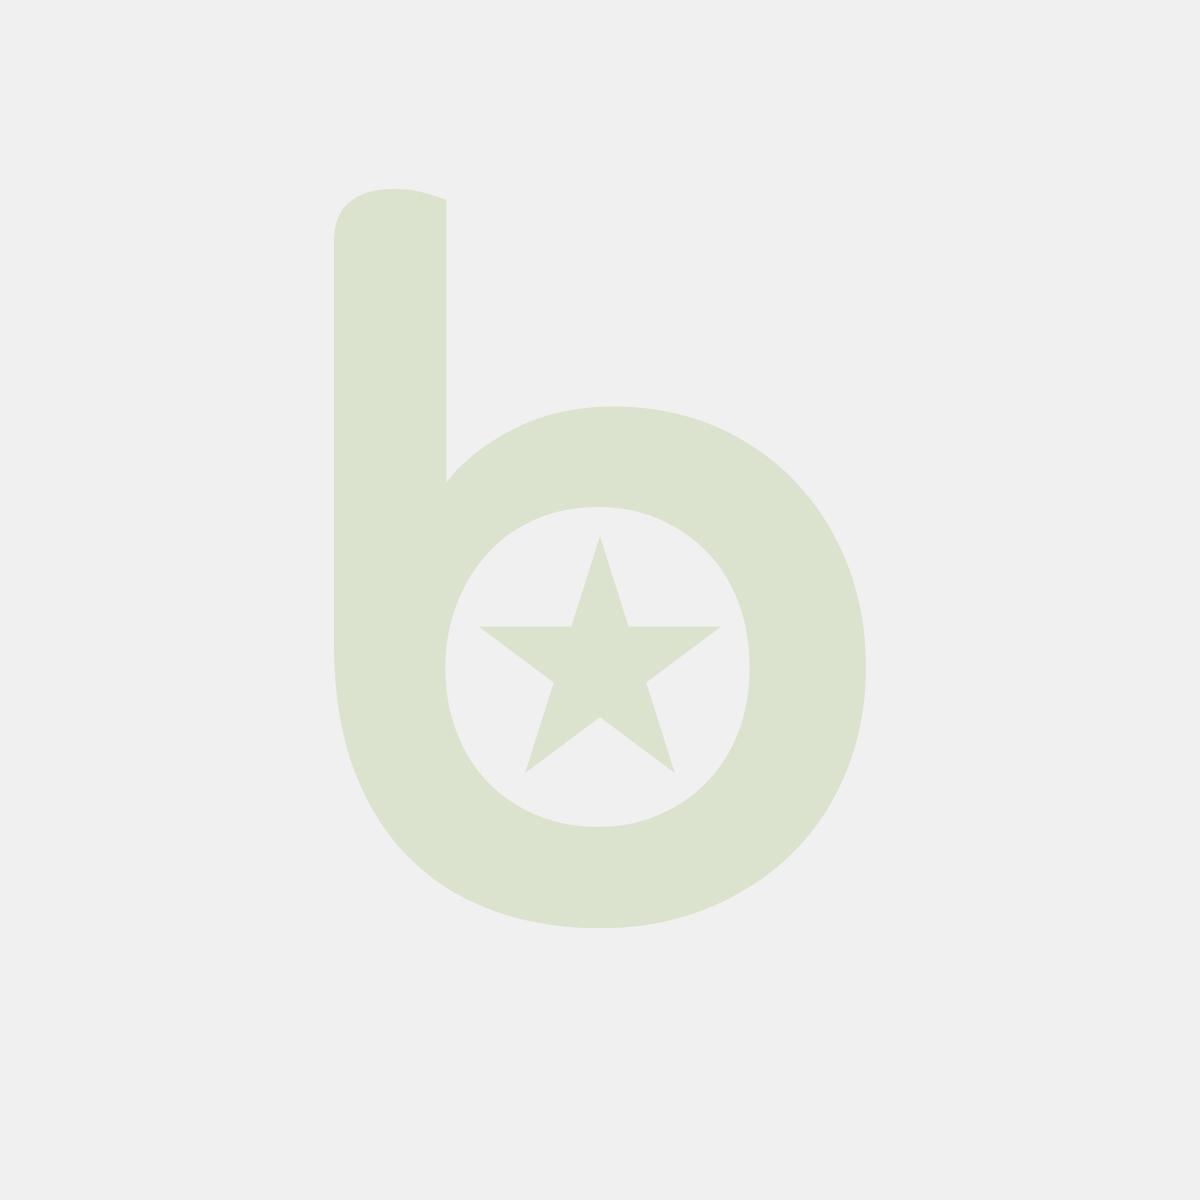 Bloczek samoprzylepny POST-IT®, (XL-LL), 101x101mm, 70 kart., zawieszka, neon, zielony